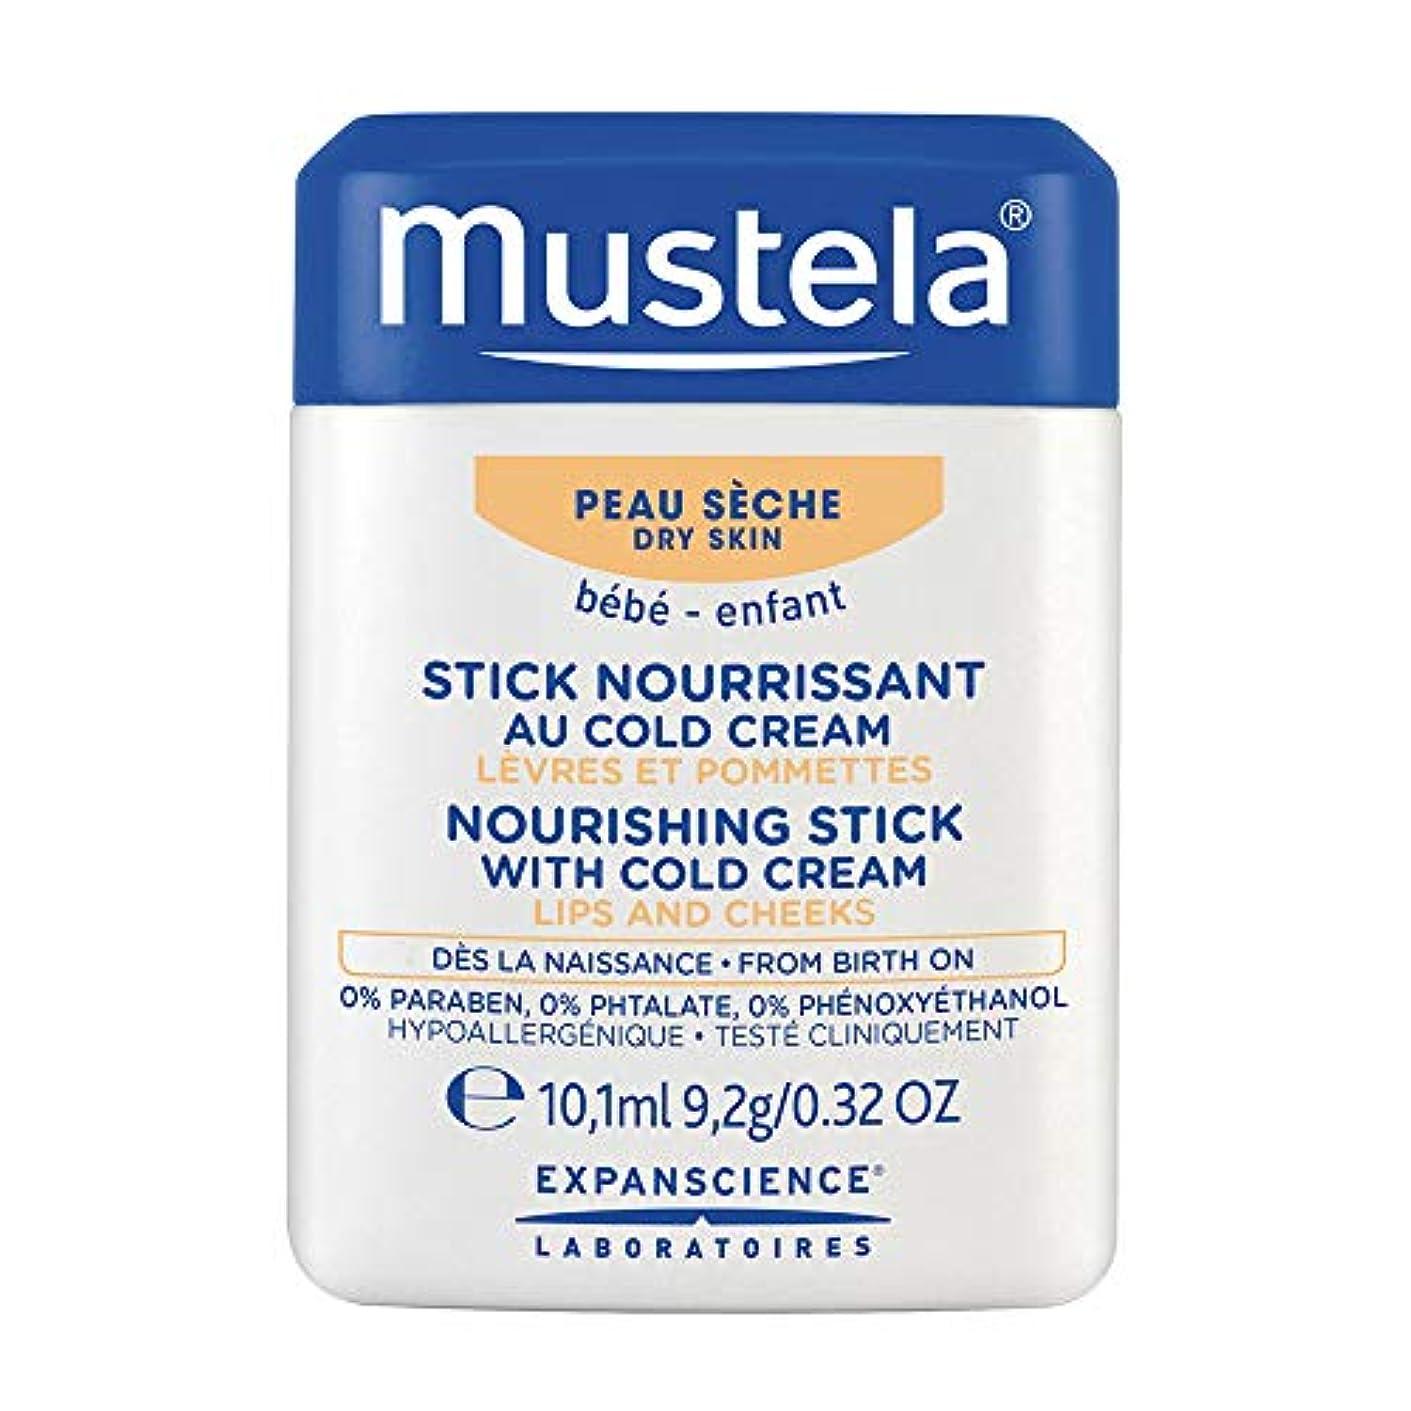 機械的に署名見捨てるムステラ Nourishing Stick With Cold Cream (Lips & Cheeks) - For Dry Skin 9.2g/0.32oz並行輸入品